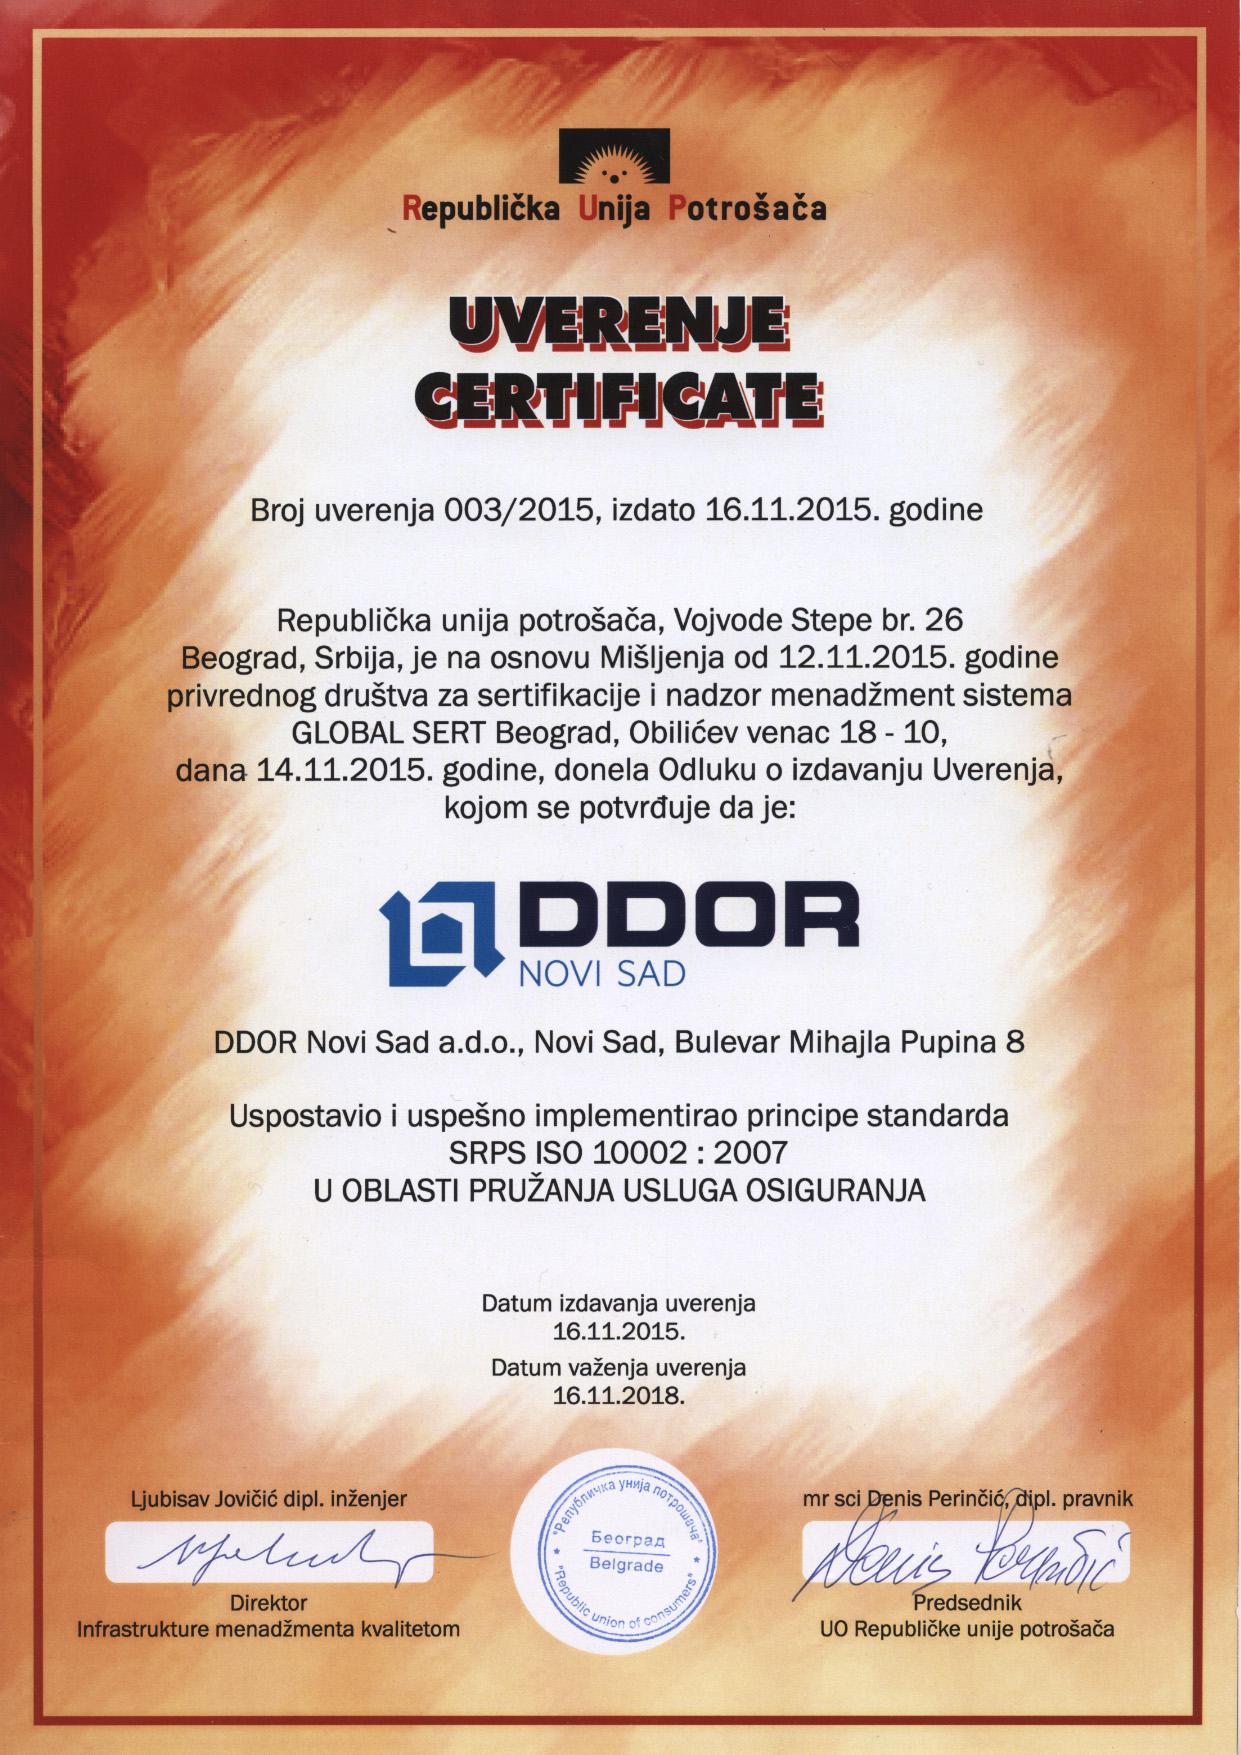 ISO standardi - DDOR